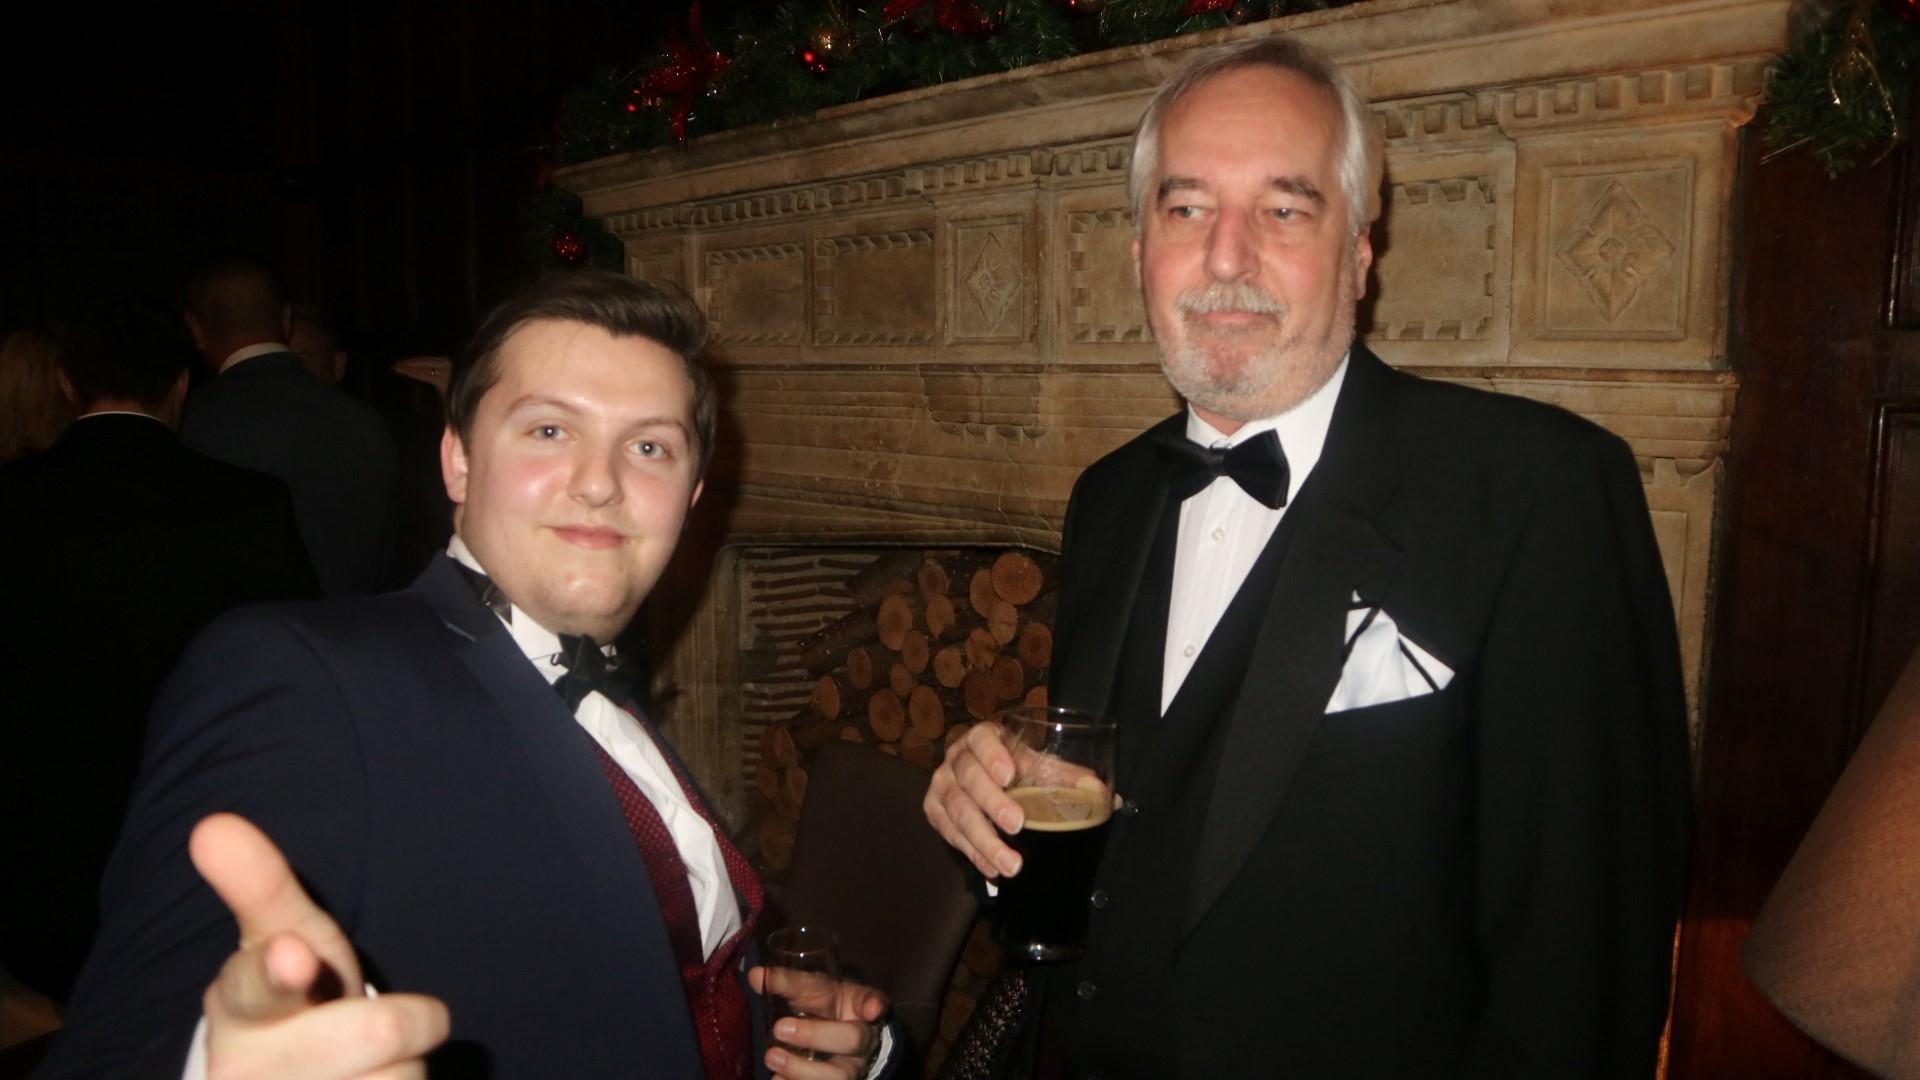 Harvey and John